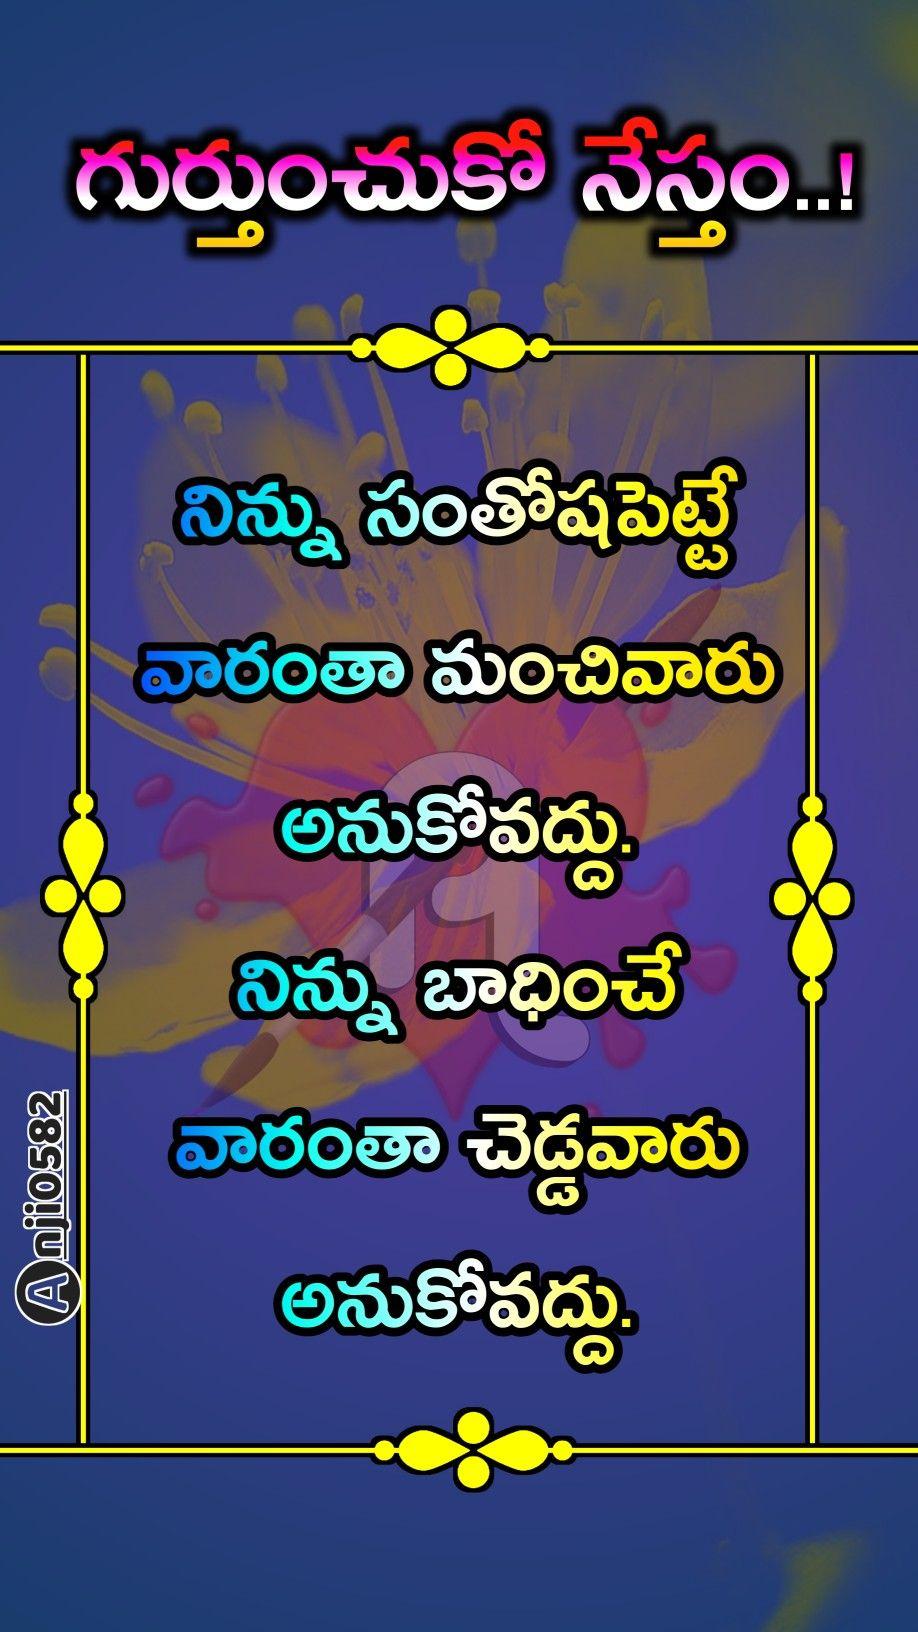 Pin By Murari Raghavendra On Good Night In 2020 In My Feelings Good Night Night